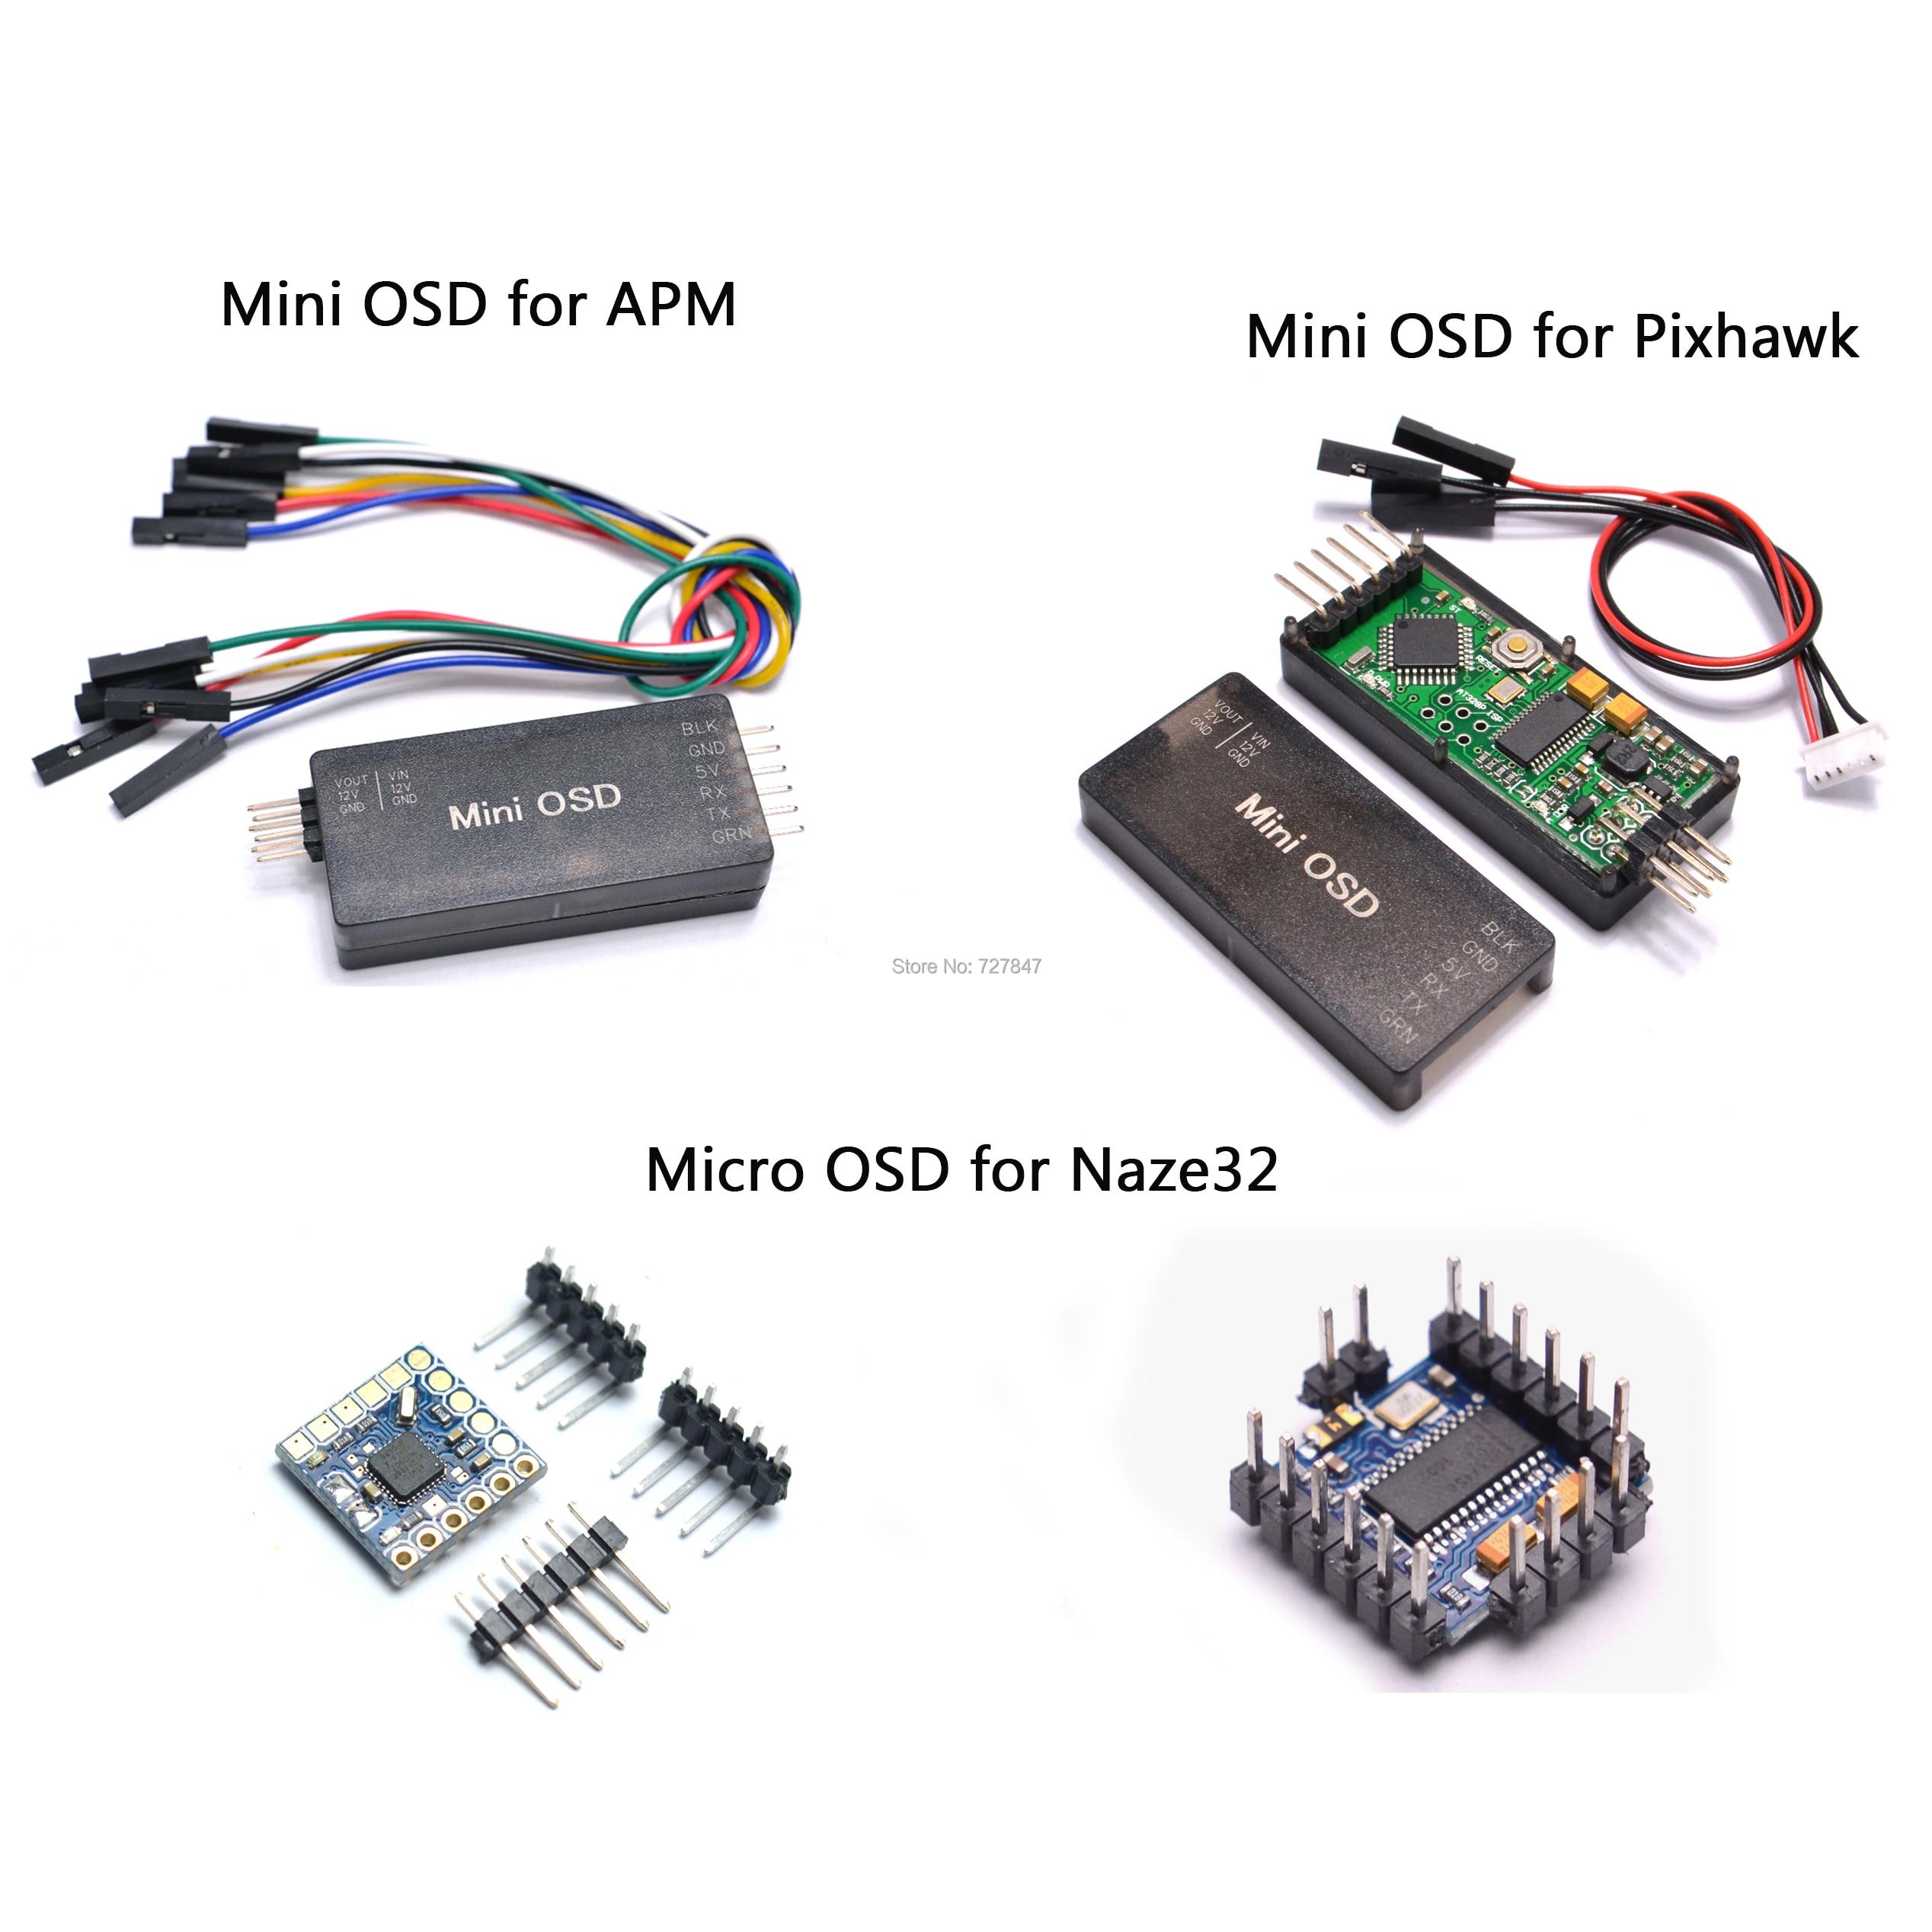 MICRO MINIMOSD Minim OSD Mini OSD для квадрокоптера, мультикоптера, APM / PIXHAWK/NAZE32, управление полетом